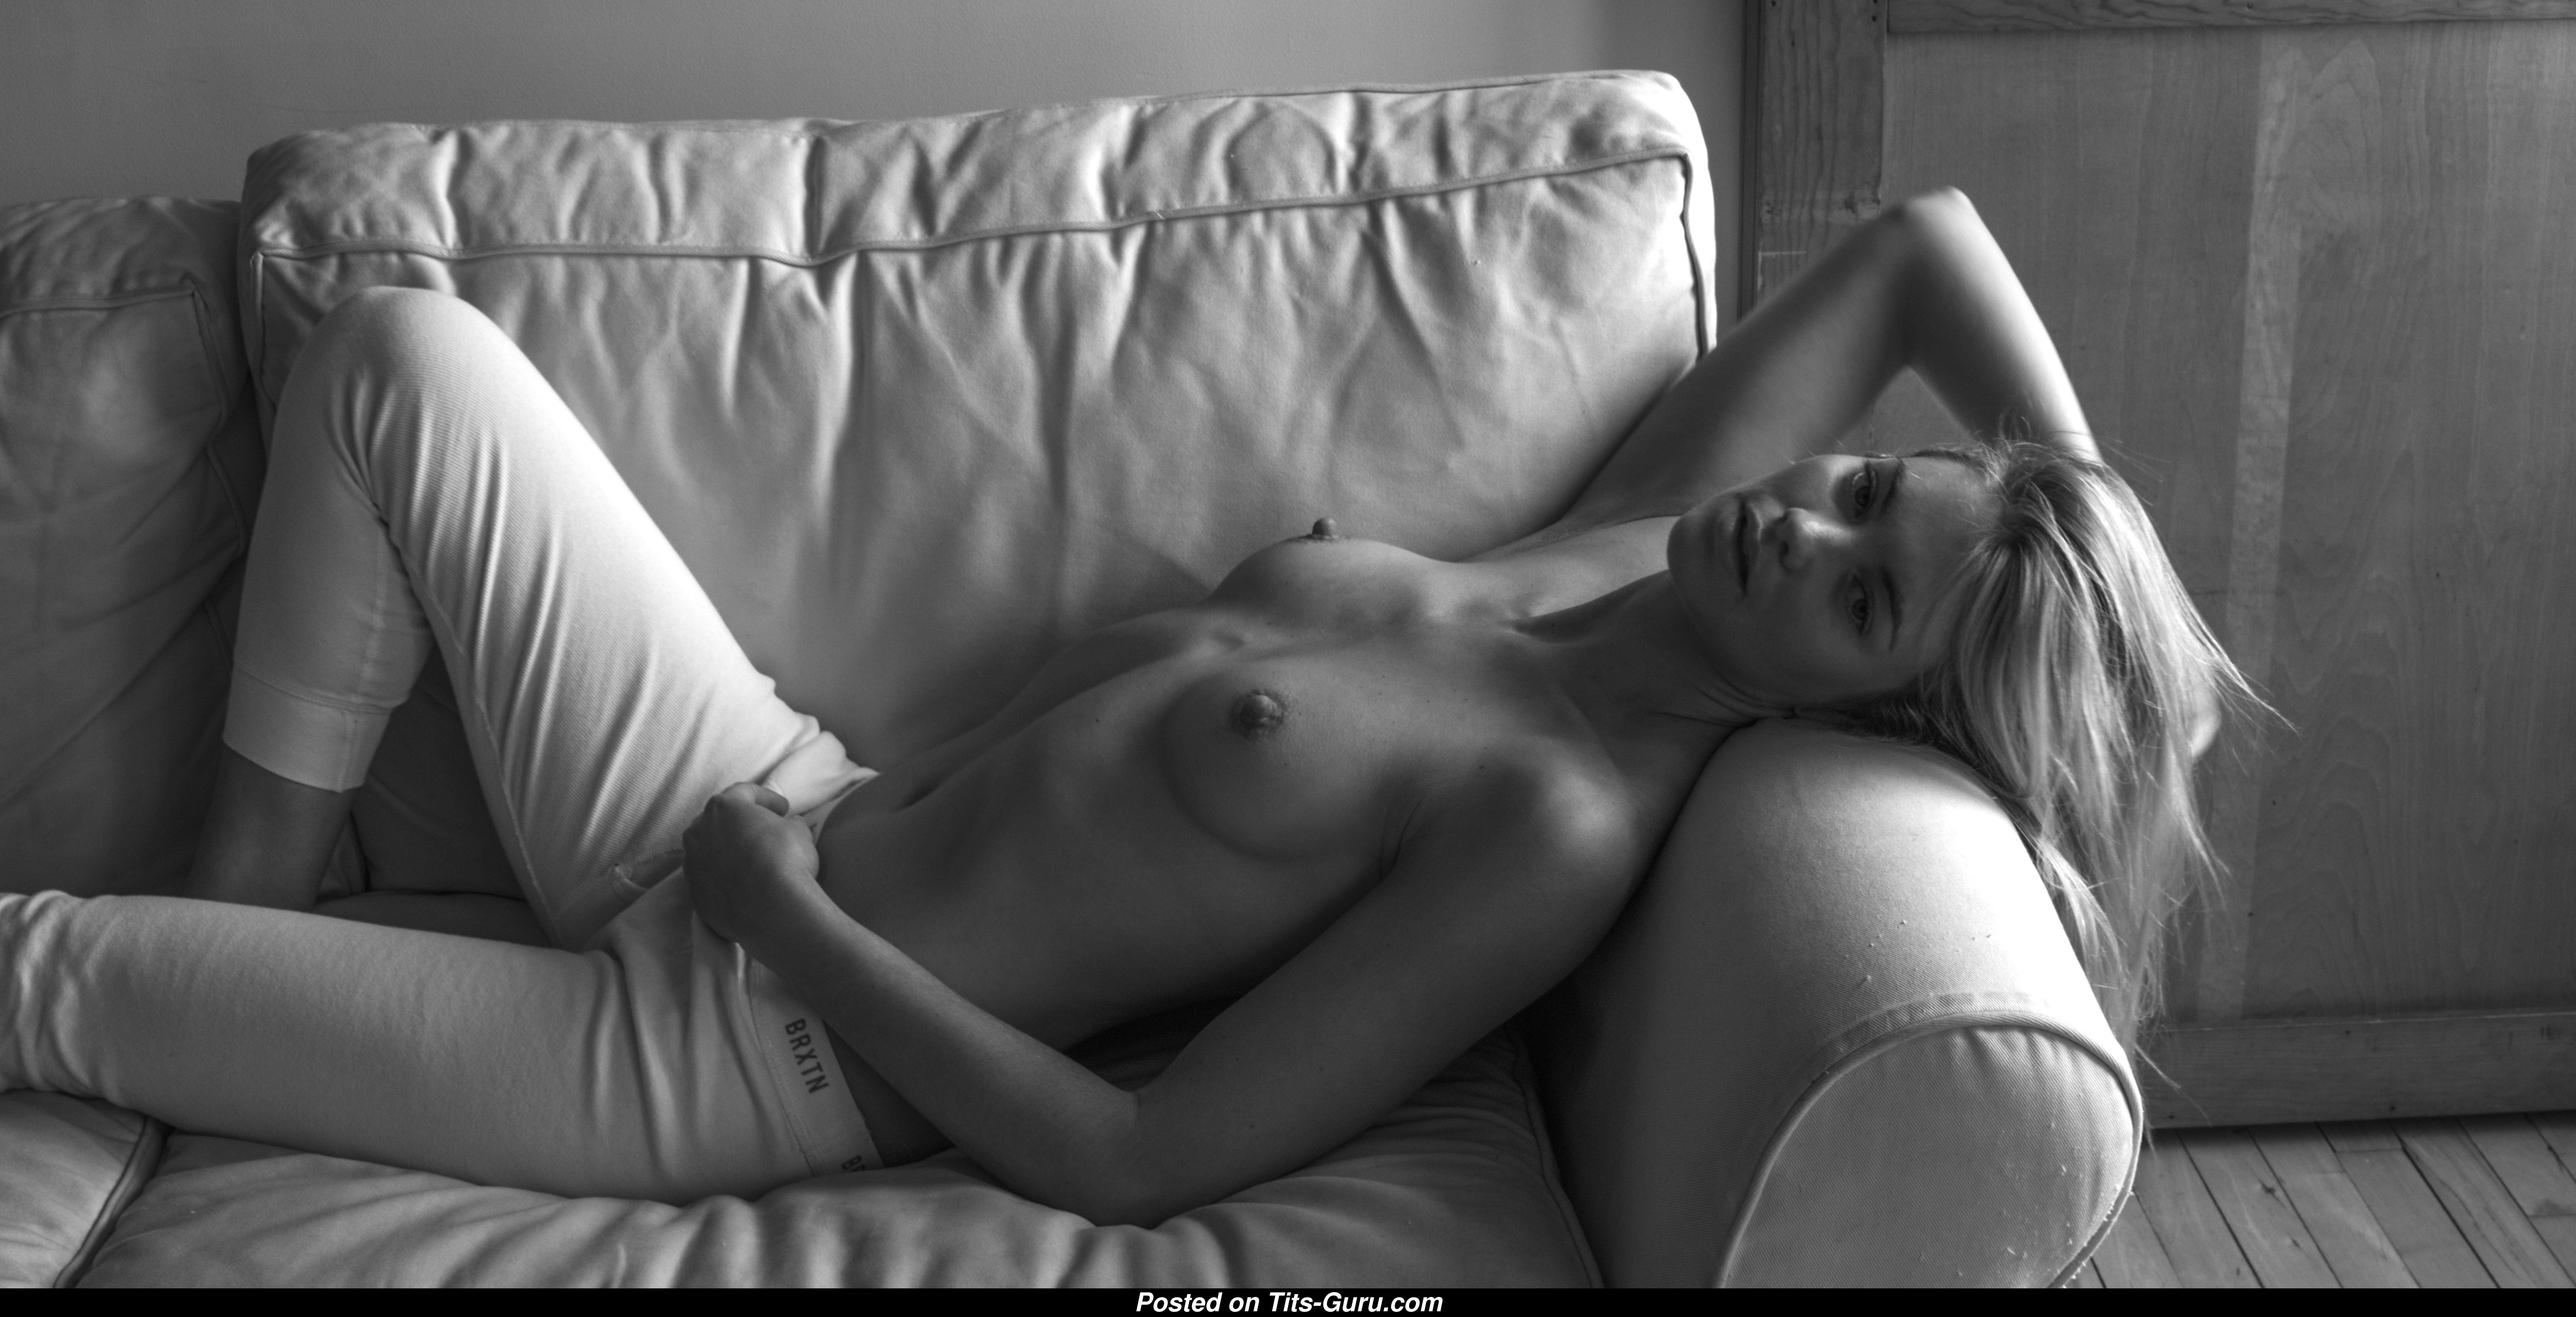 XXX Solveig Mork Hansen nude (56 photos), Topless, Bikini, Feet, legs 2006